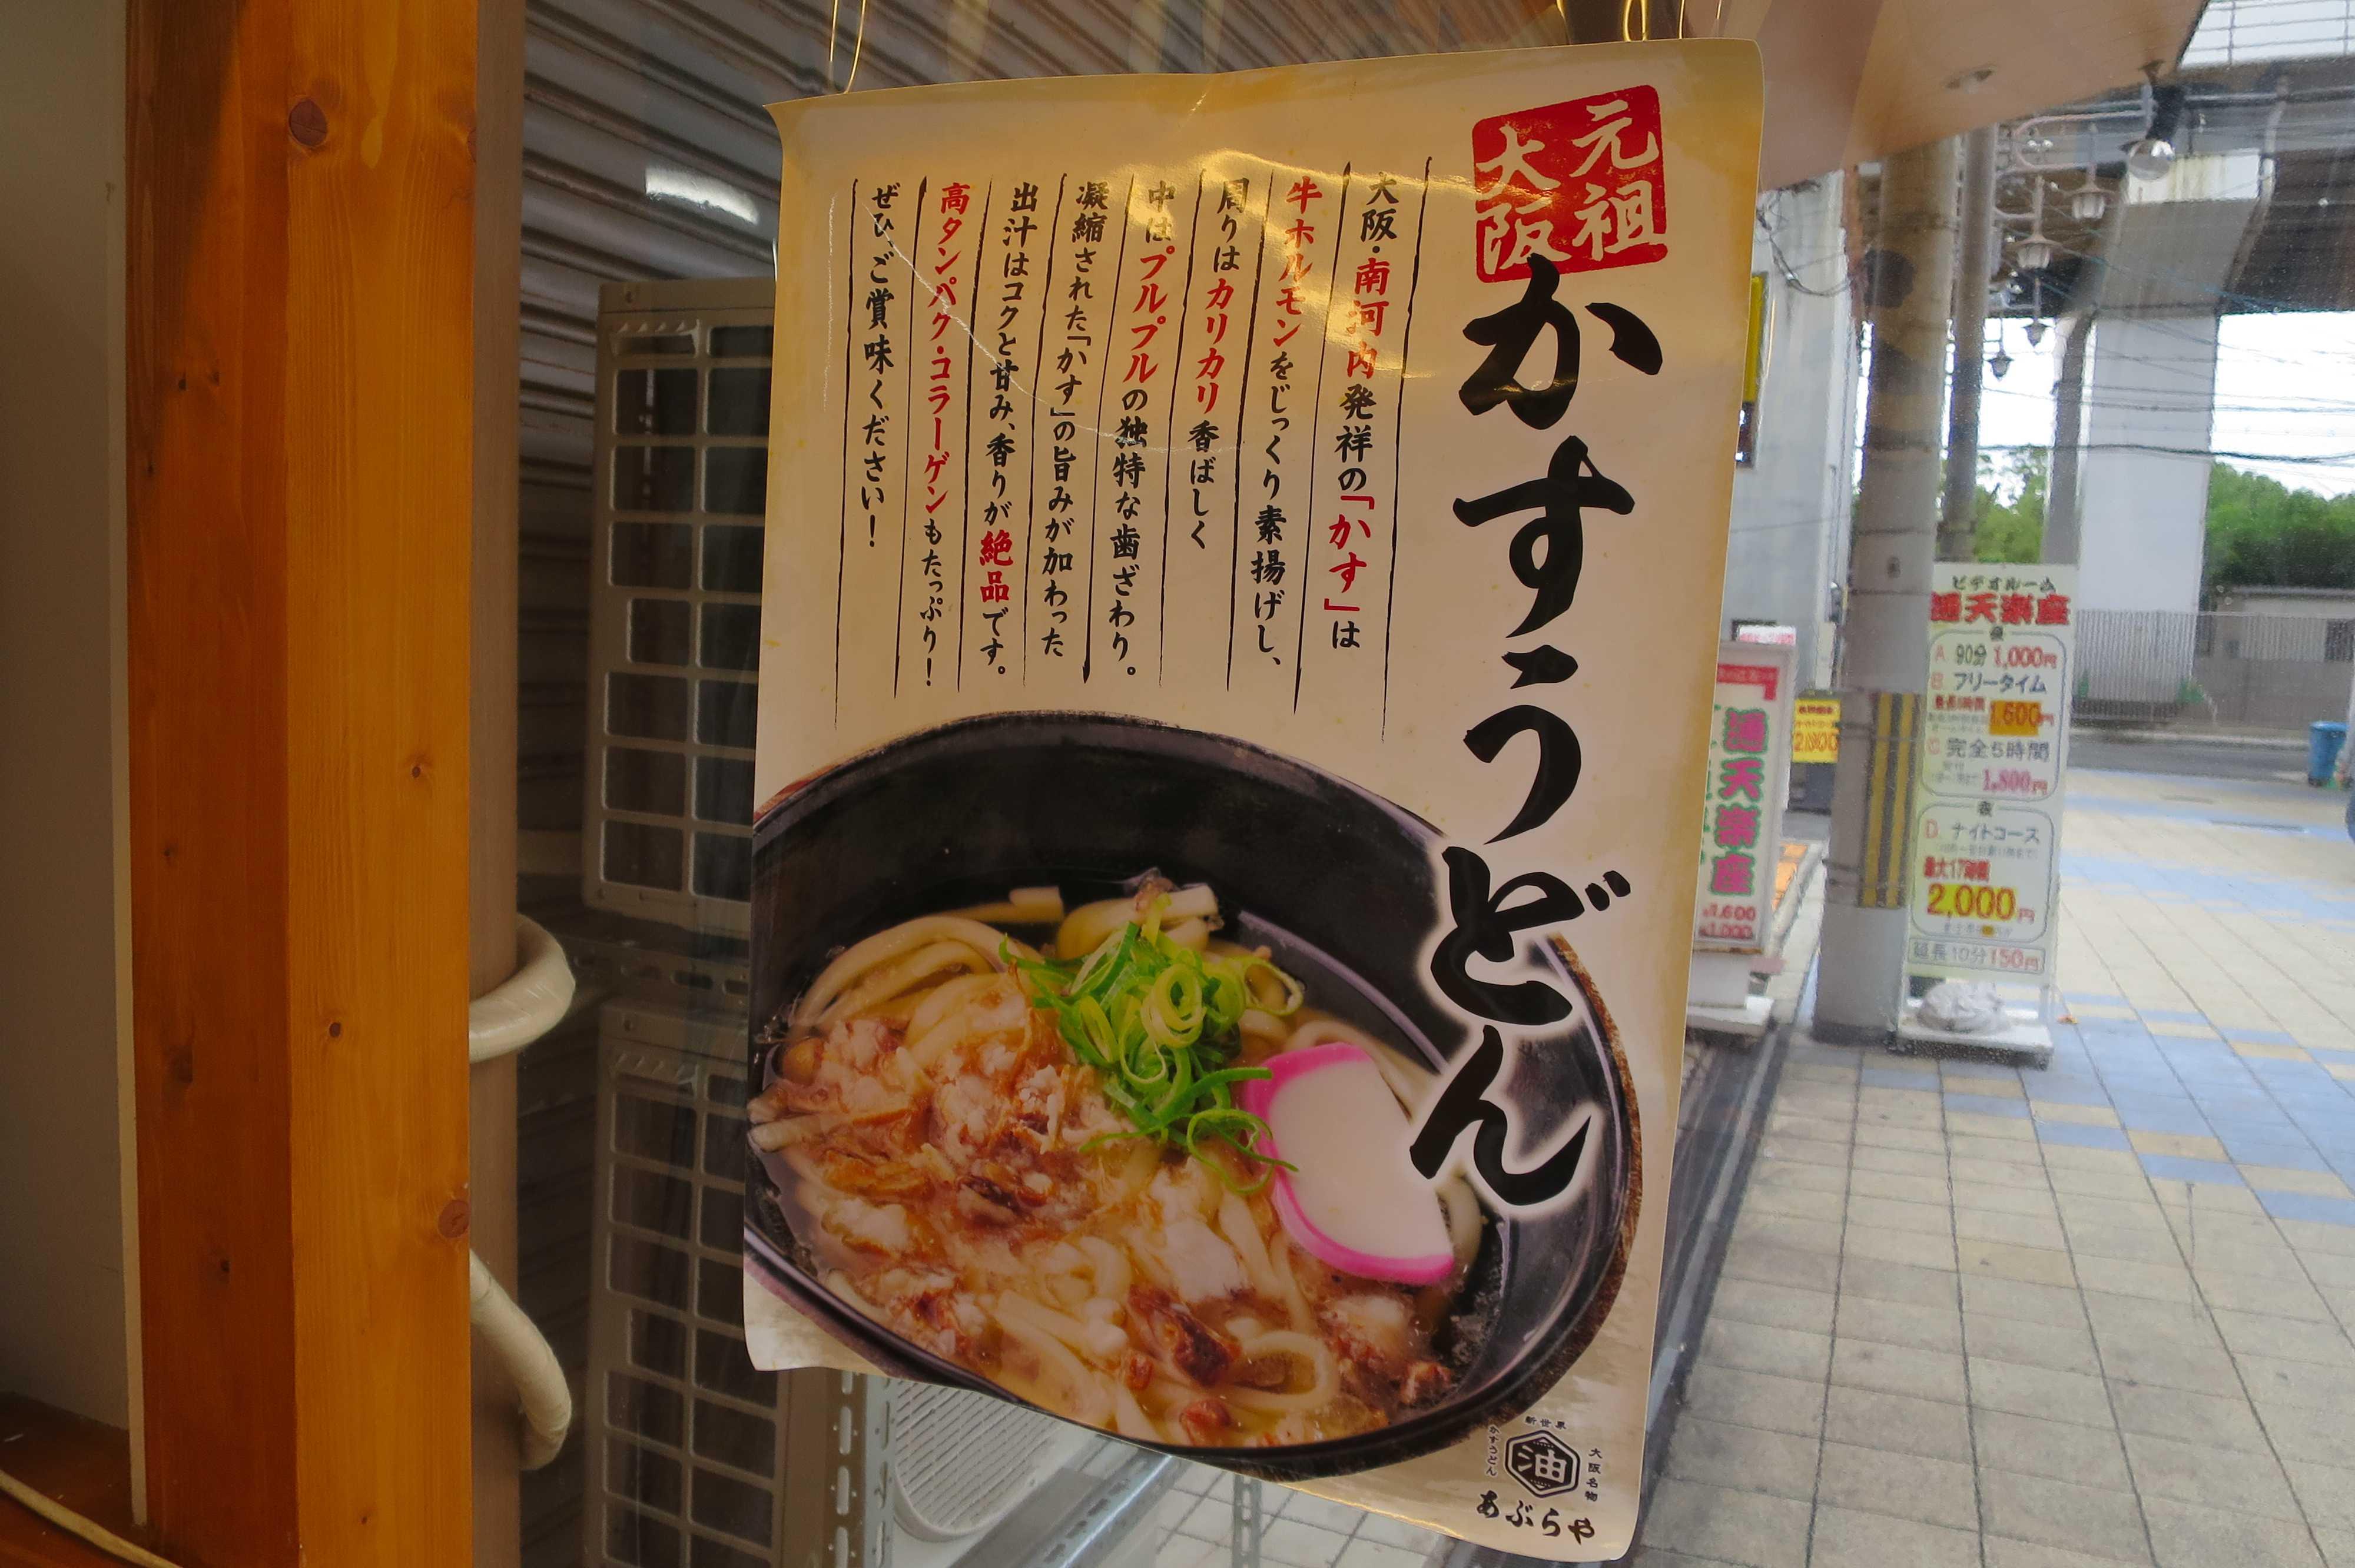 元祖大阪かすうどんのポスター